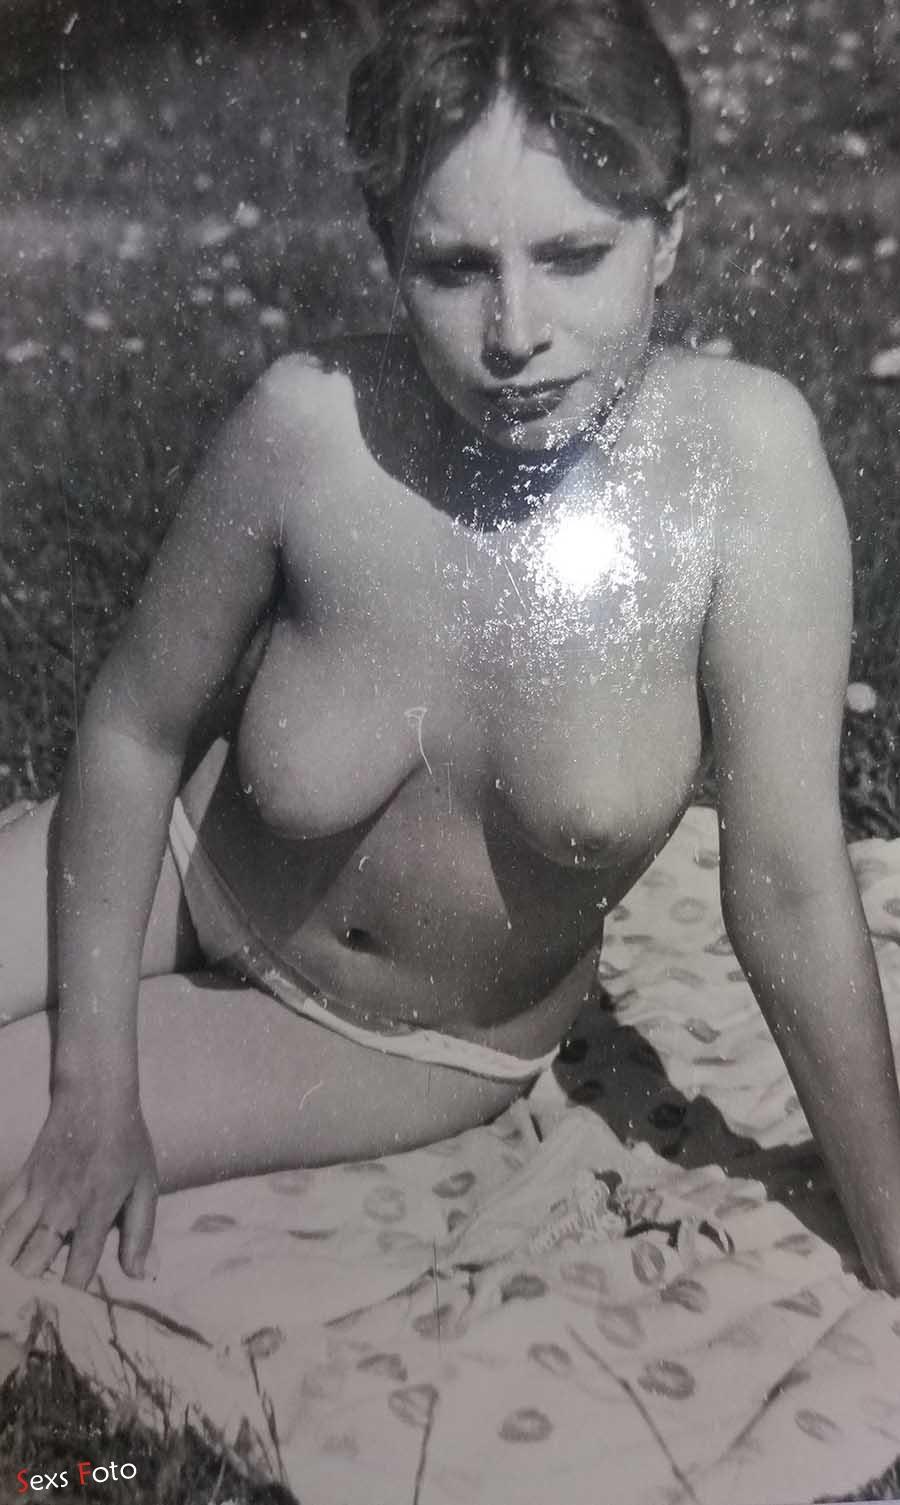 Откровенные черно белые фото обнаженной женщины